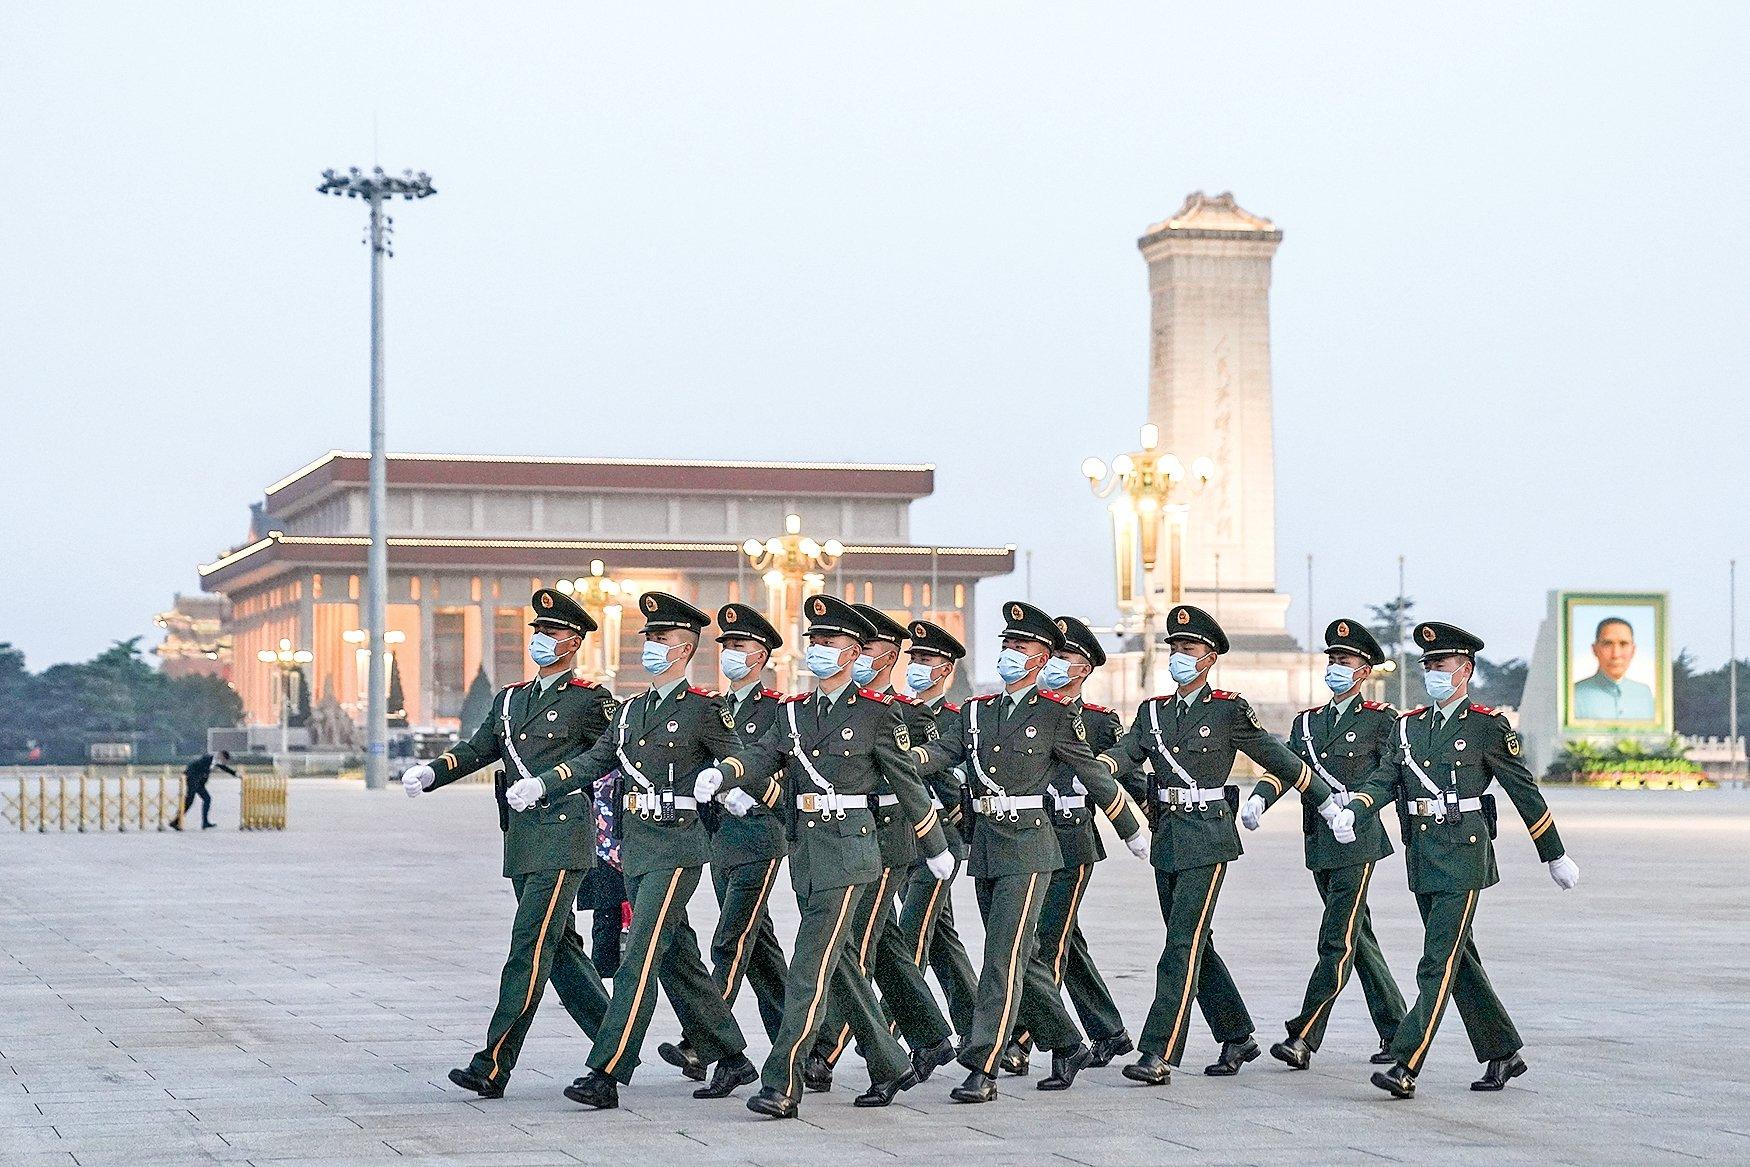 新的一年裏,中共內部「反習」勢力會坐以待斃嗎?2020年未遂的政變,焉知2021年不再發生?北京政圈正山雨欲來。(Feng Li/Getty Images)